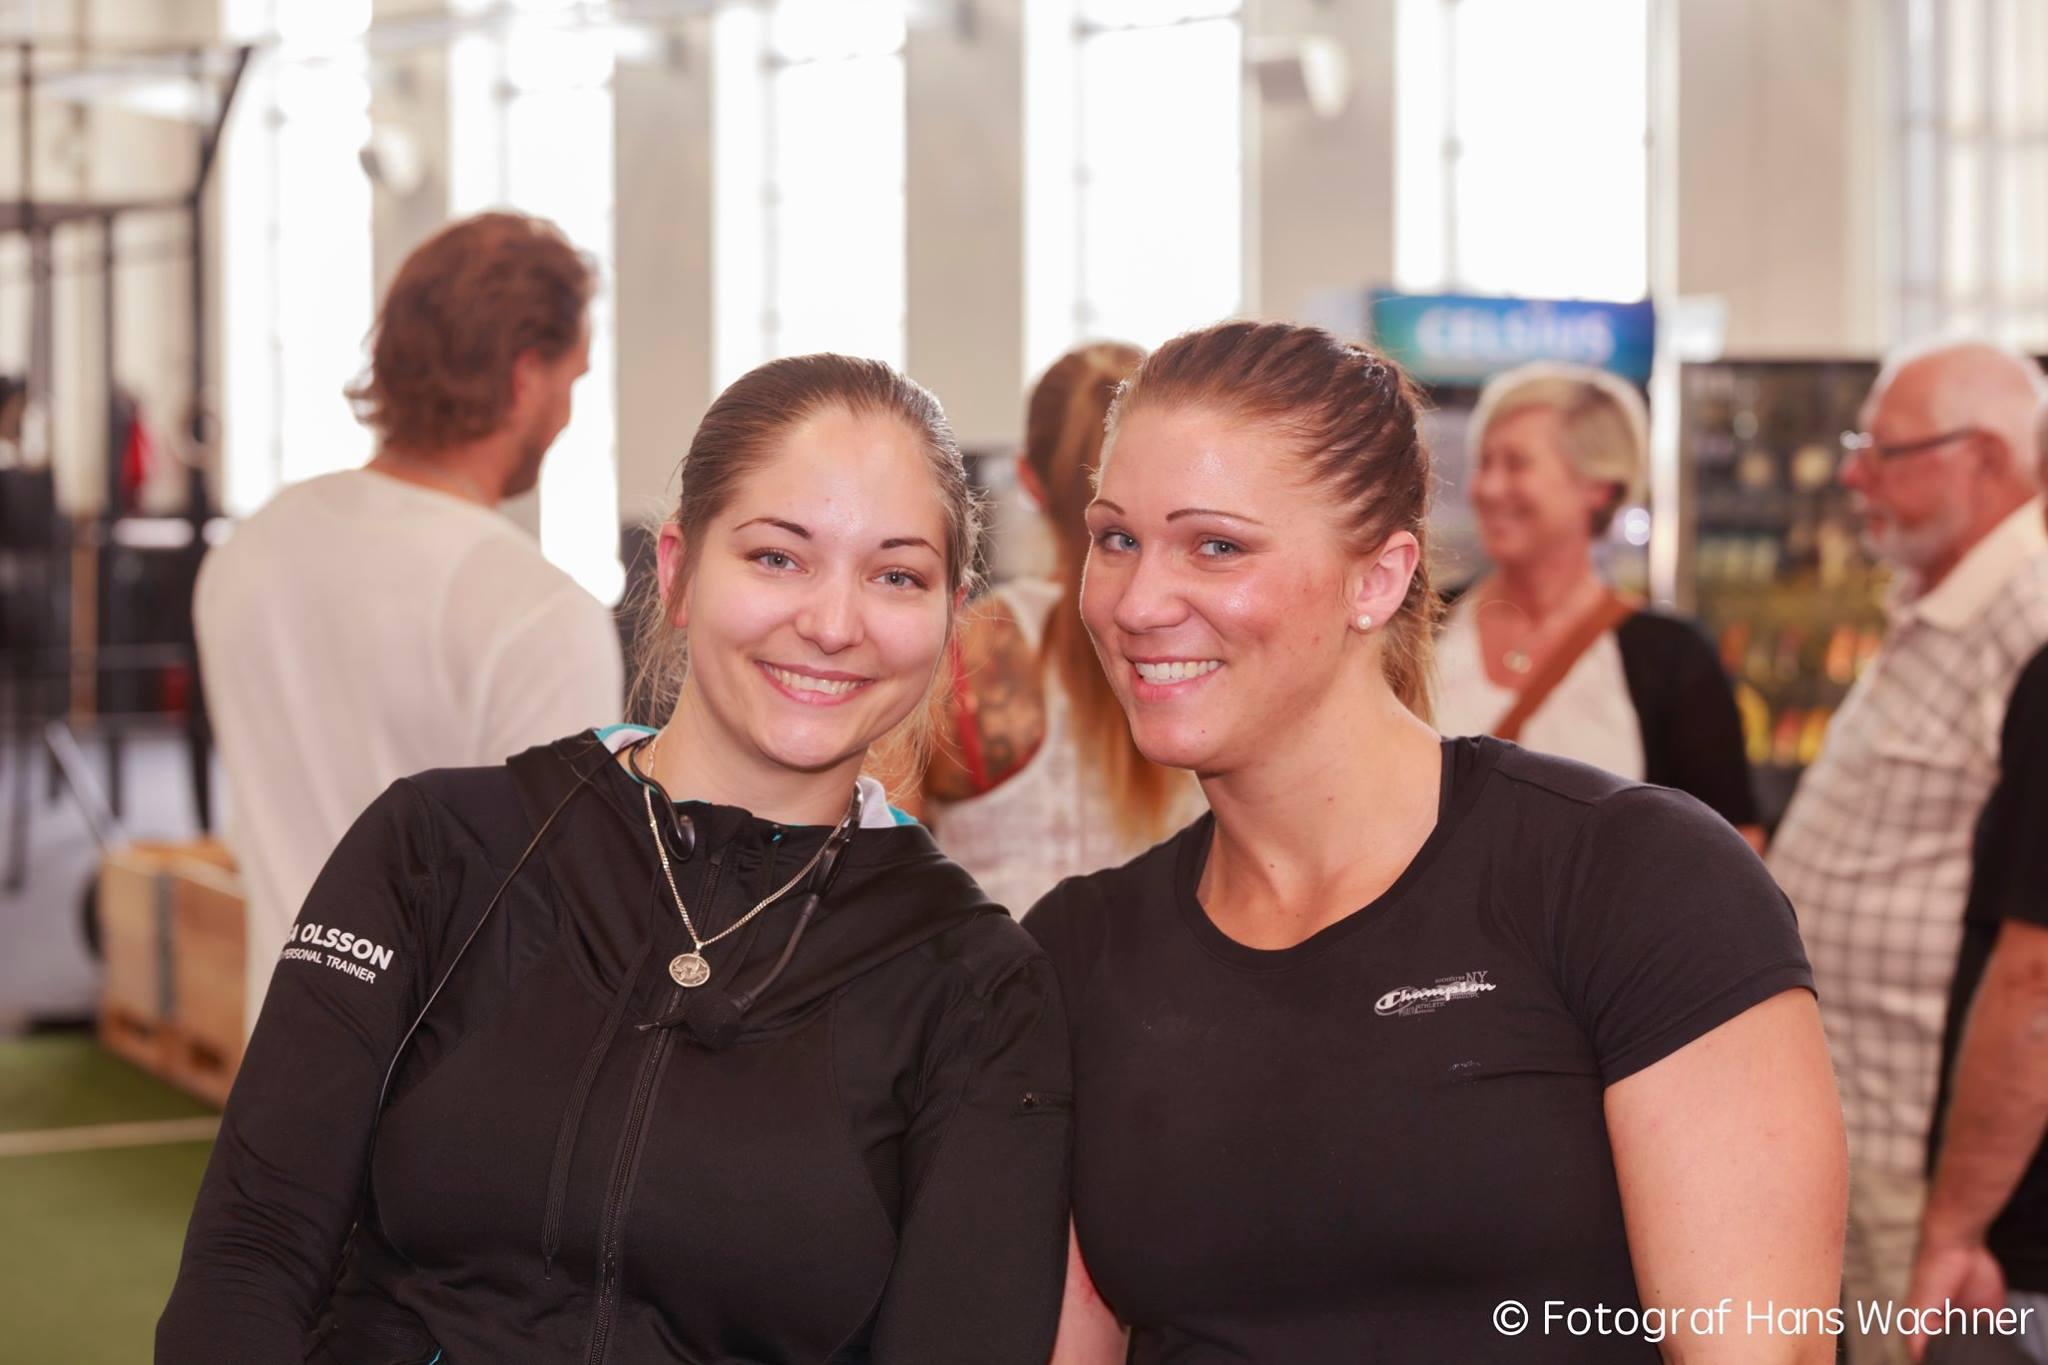 Jag (Isa Olsson) pratade i mikrofonen och Martina Andersson dömde tävlingen. Foto: Hans Wachner